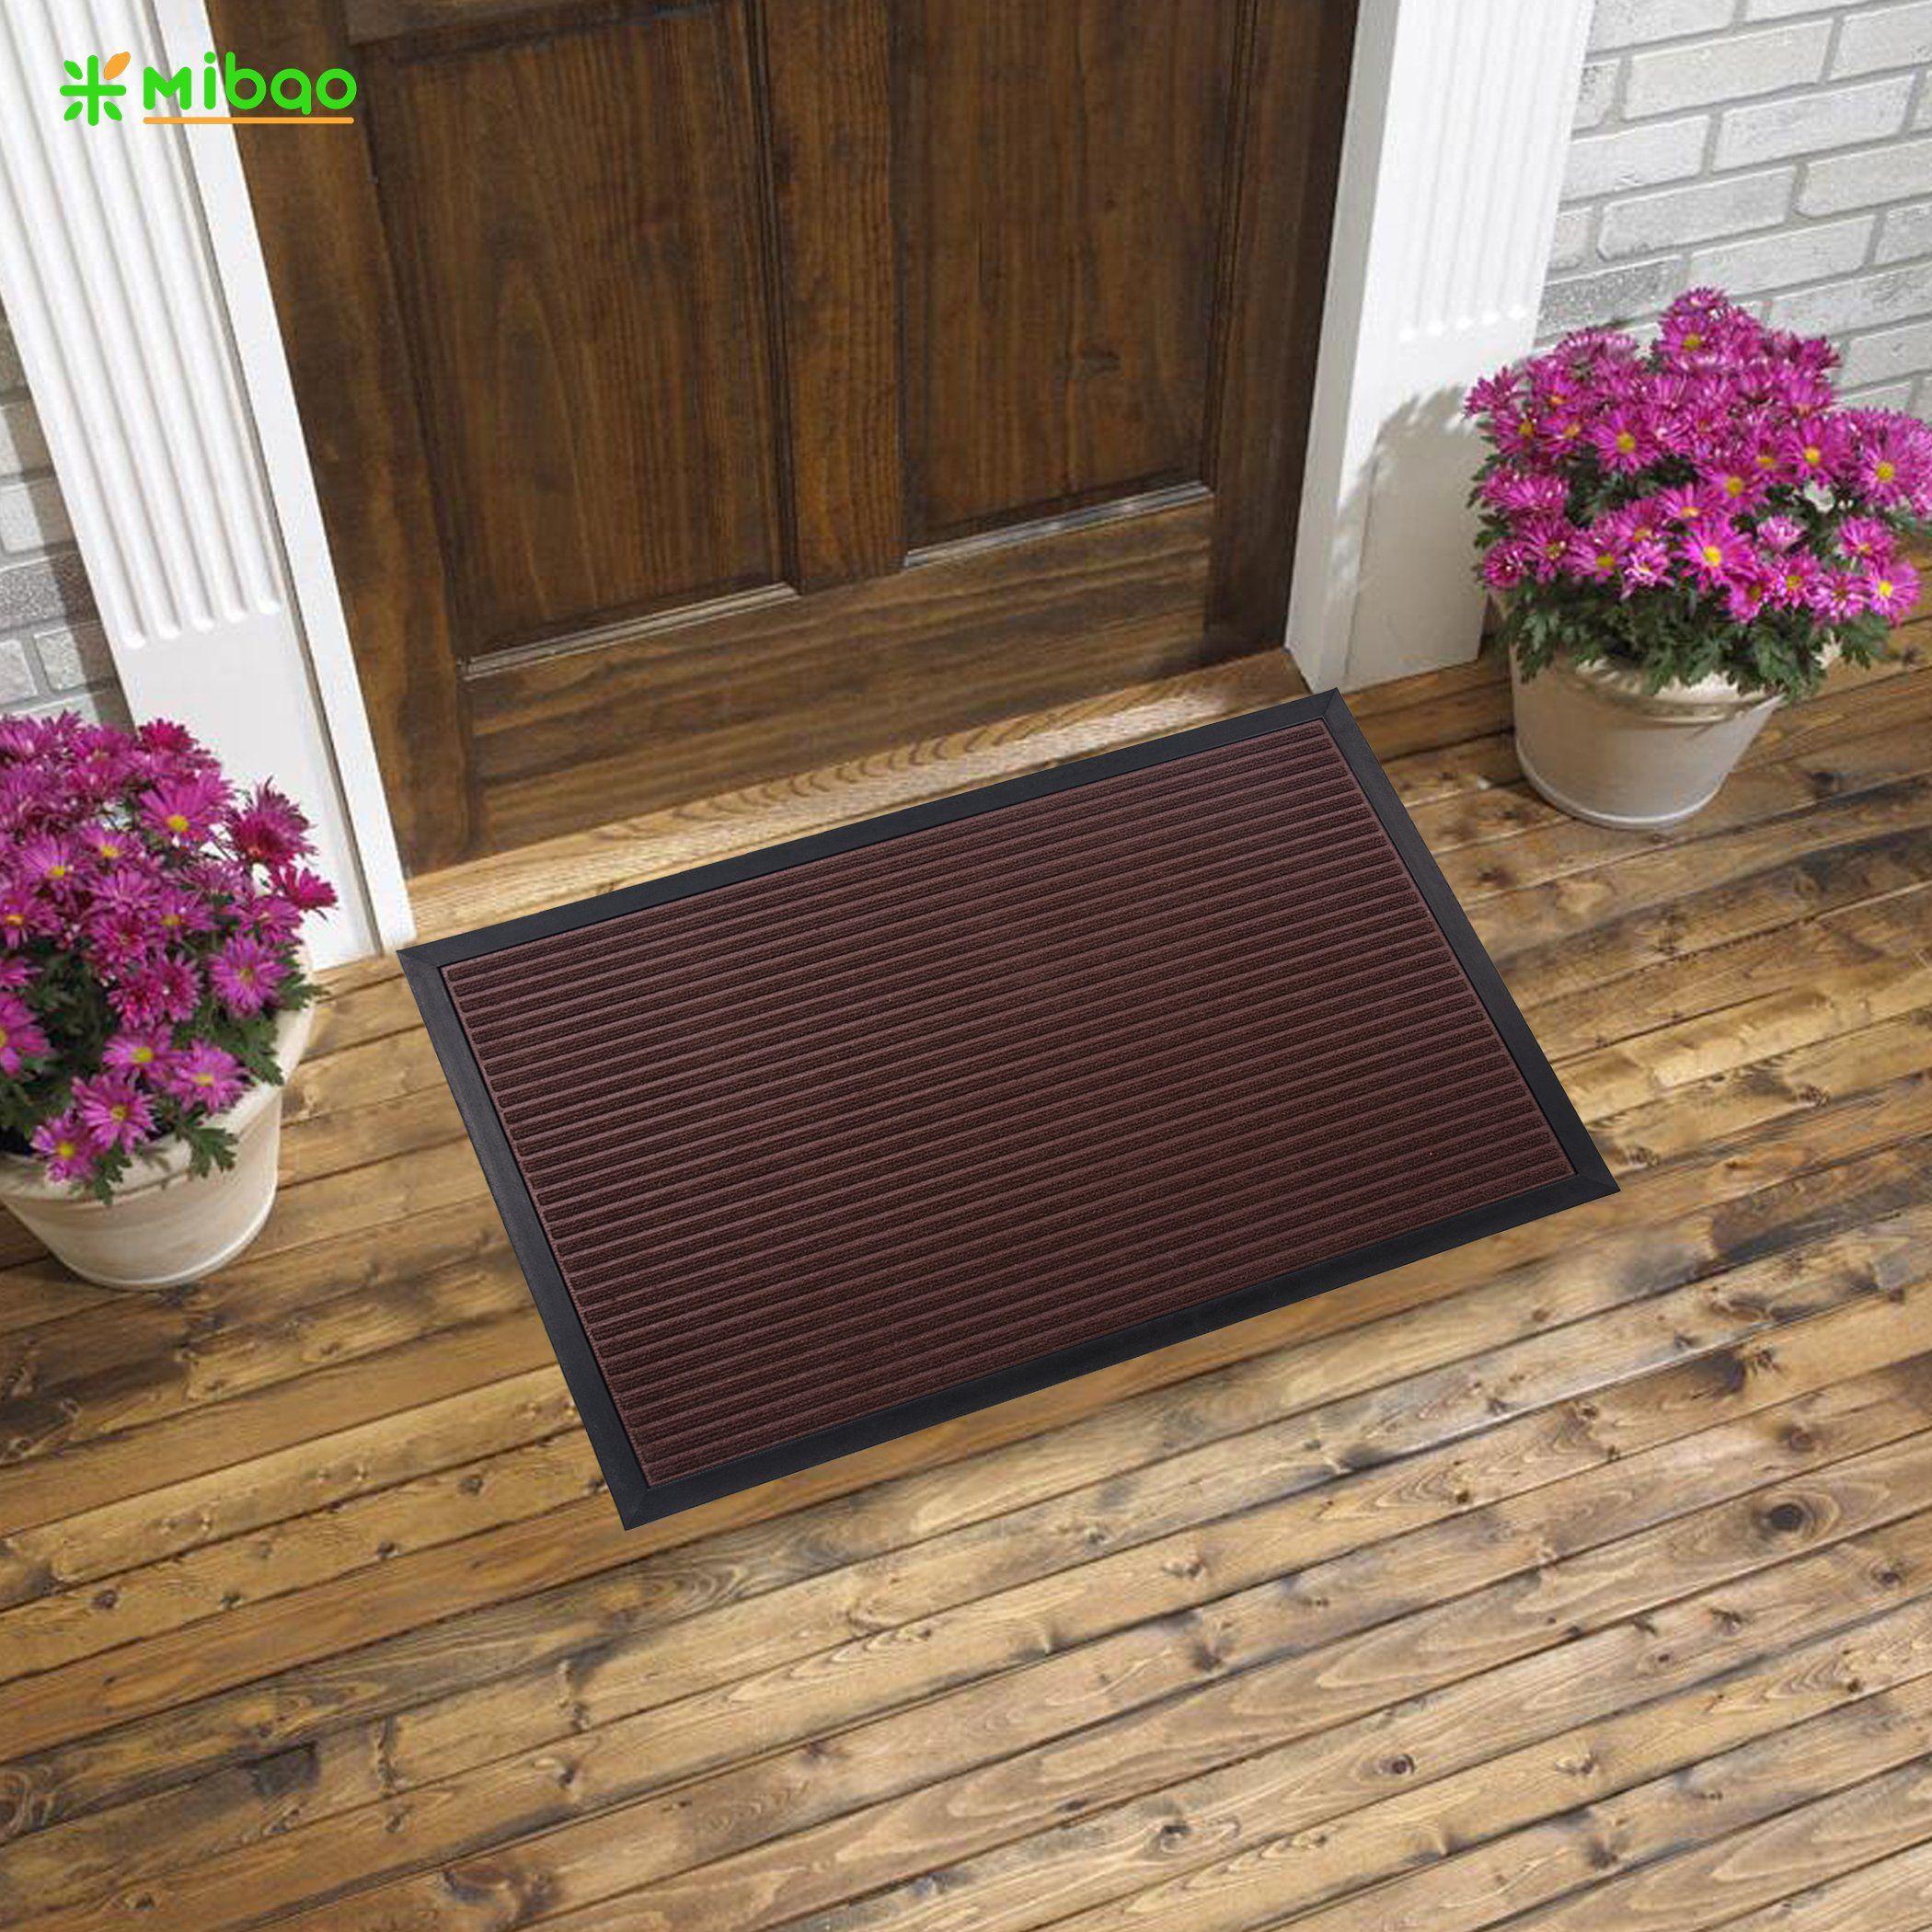 Mibao Low Profile Shoe Ser Doormat Indoor Outdoor Floor Mat Entrance Rug For Front Door 18 X 30 Coffee More Information Visit Image Link